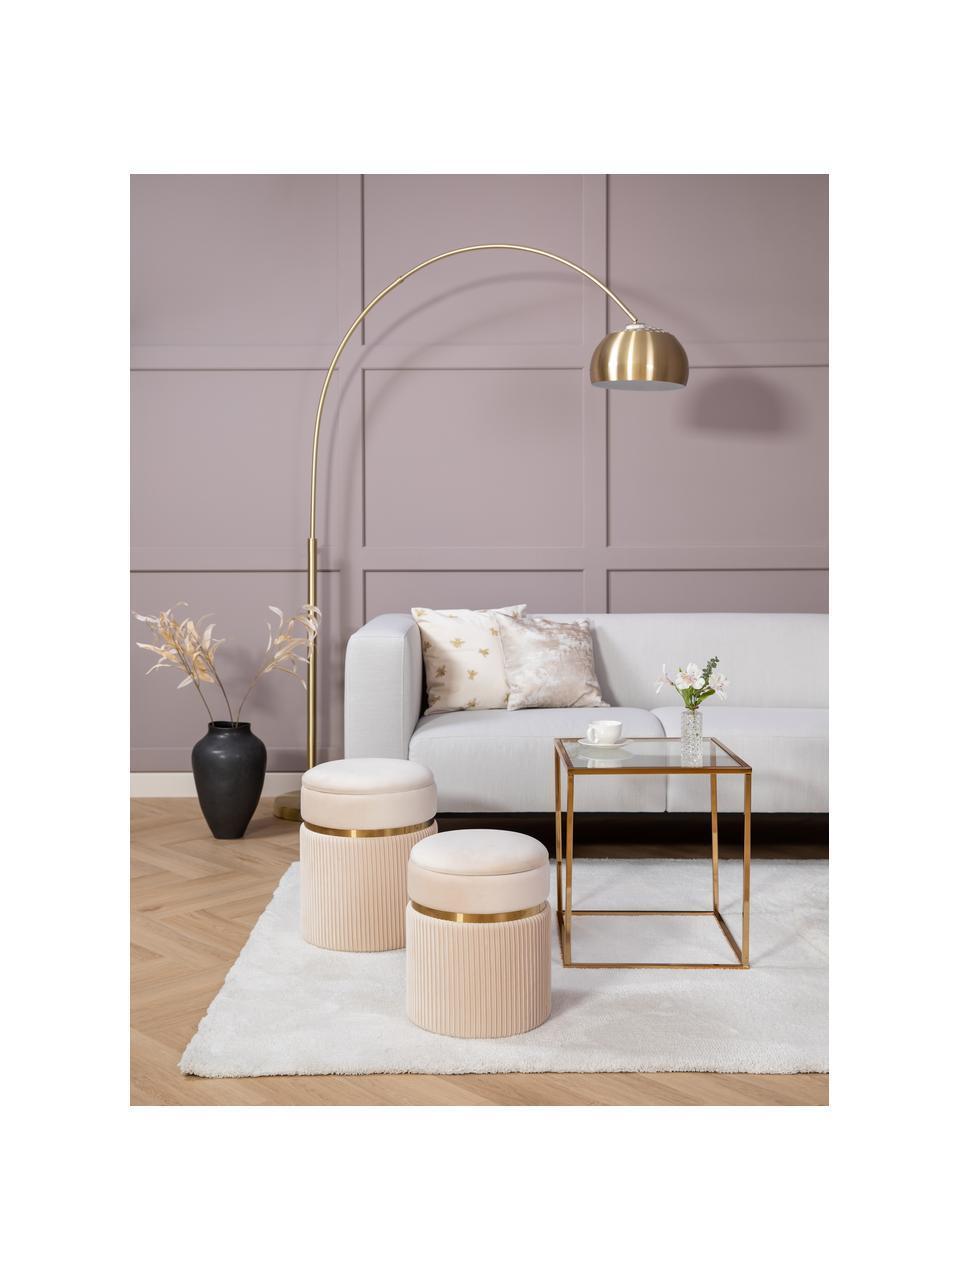 Bank Carrie (3-zits) in beige met metalen poten, Bekleding: polyester, Frame: spaanplaat, hardboard, mu, Poten: gelakt metaal, Geweven stof beige, B 202 x D 86 cm